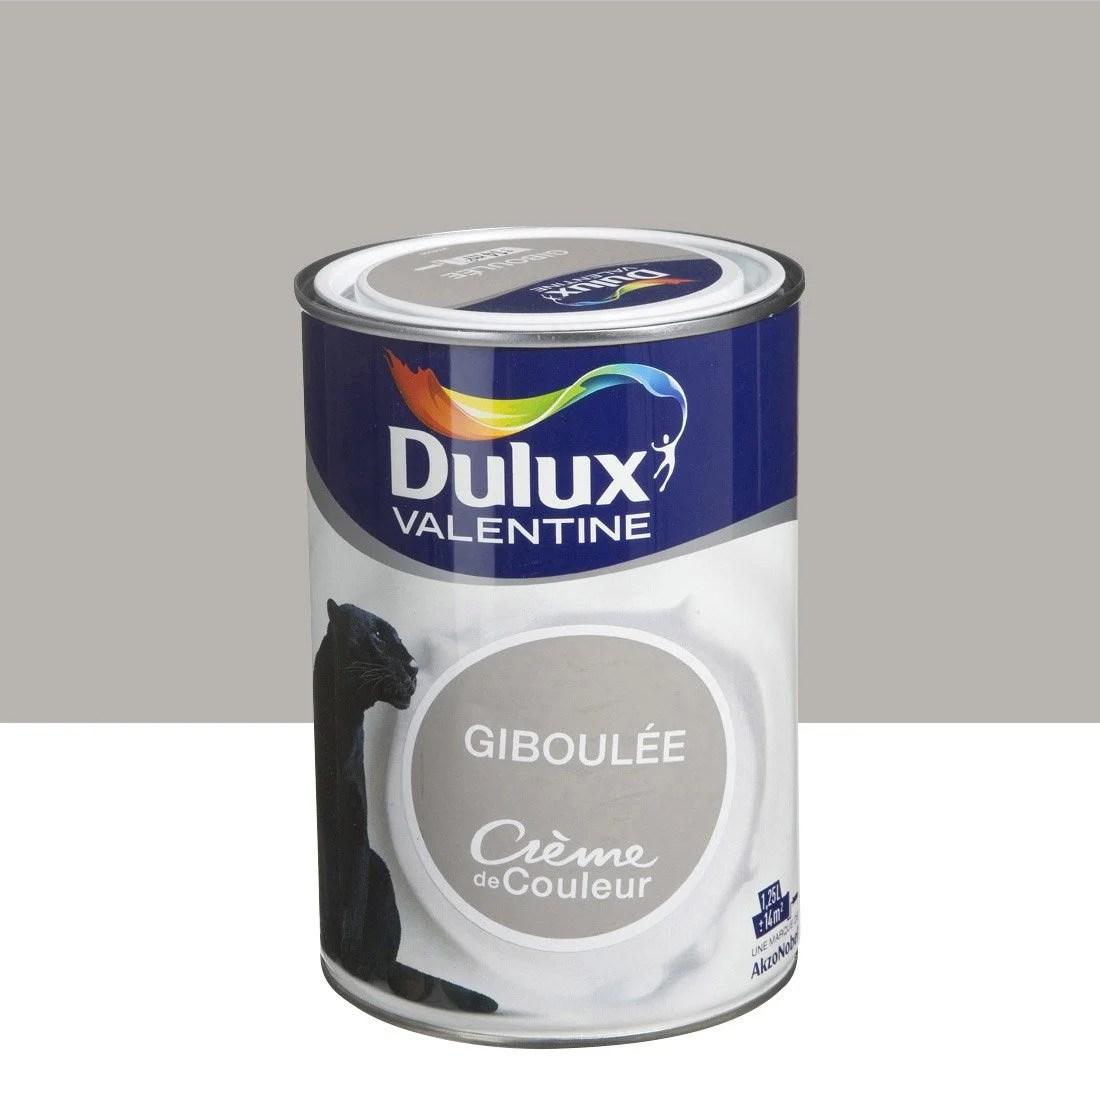 Dulux Couleur Du Monde Peinture Marron Glac Dulux